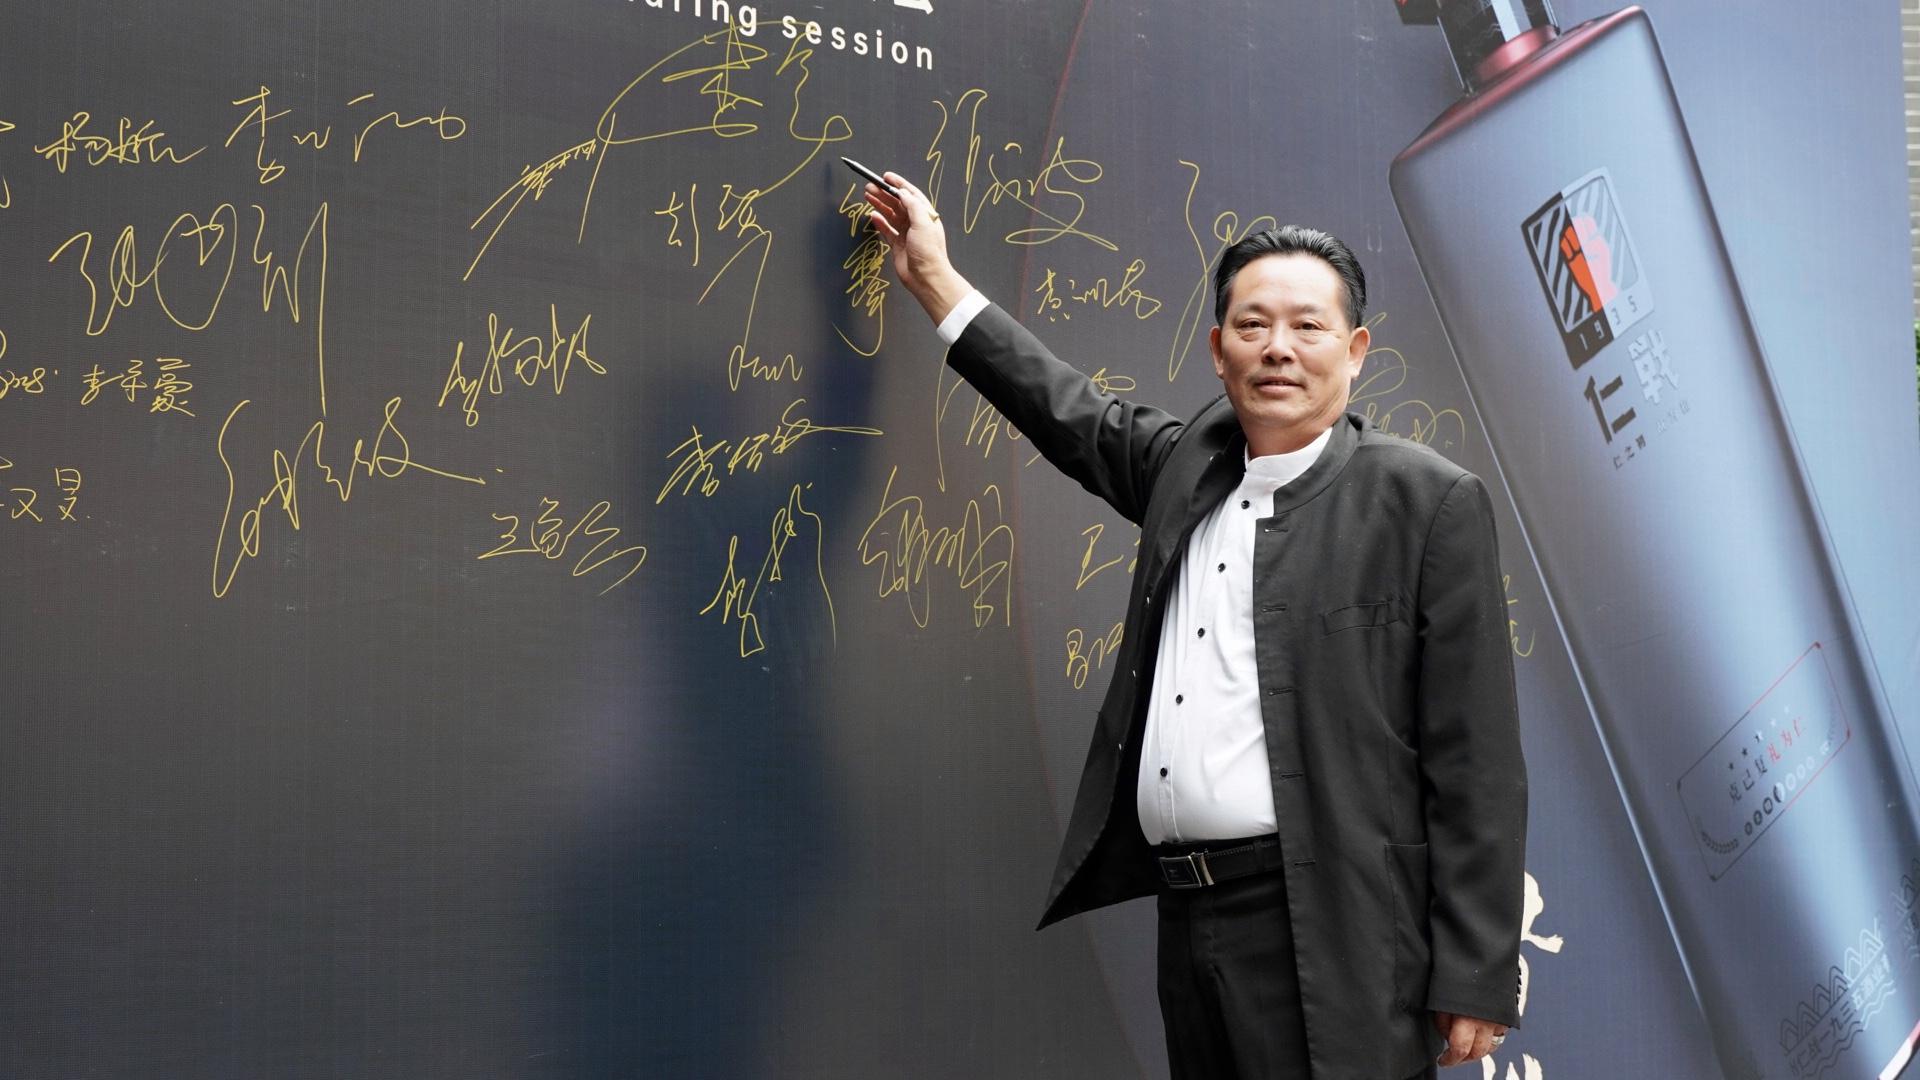 华成集团董事长娄勇:仁战酒将是一颗璀璨耀眼的明珠